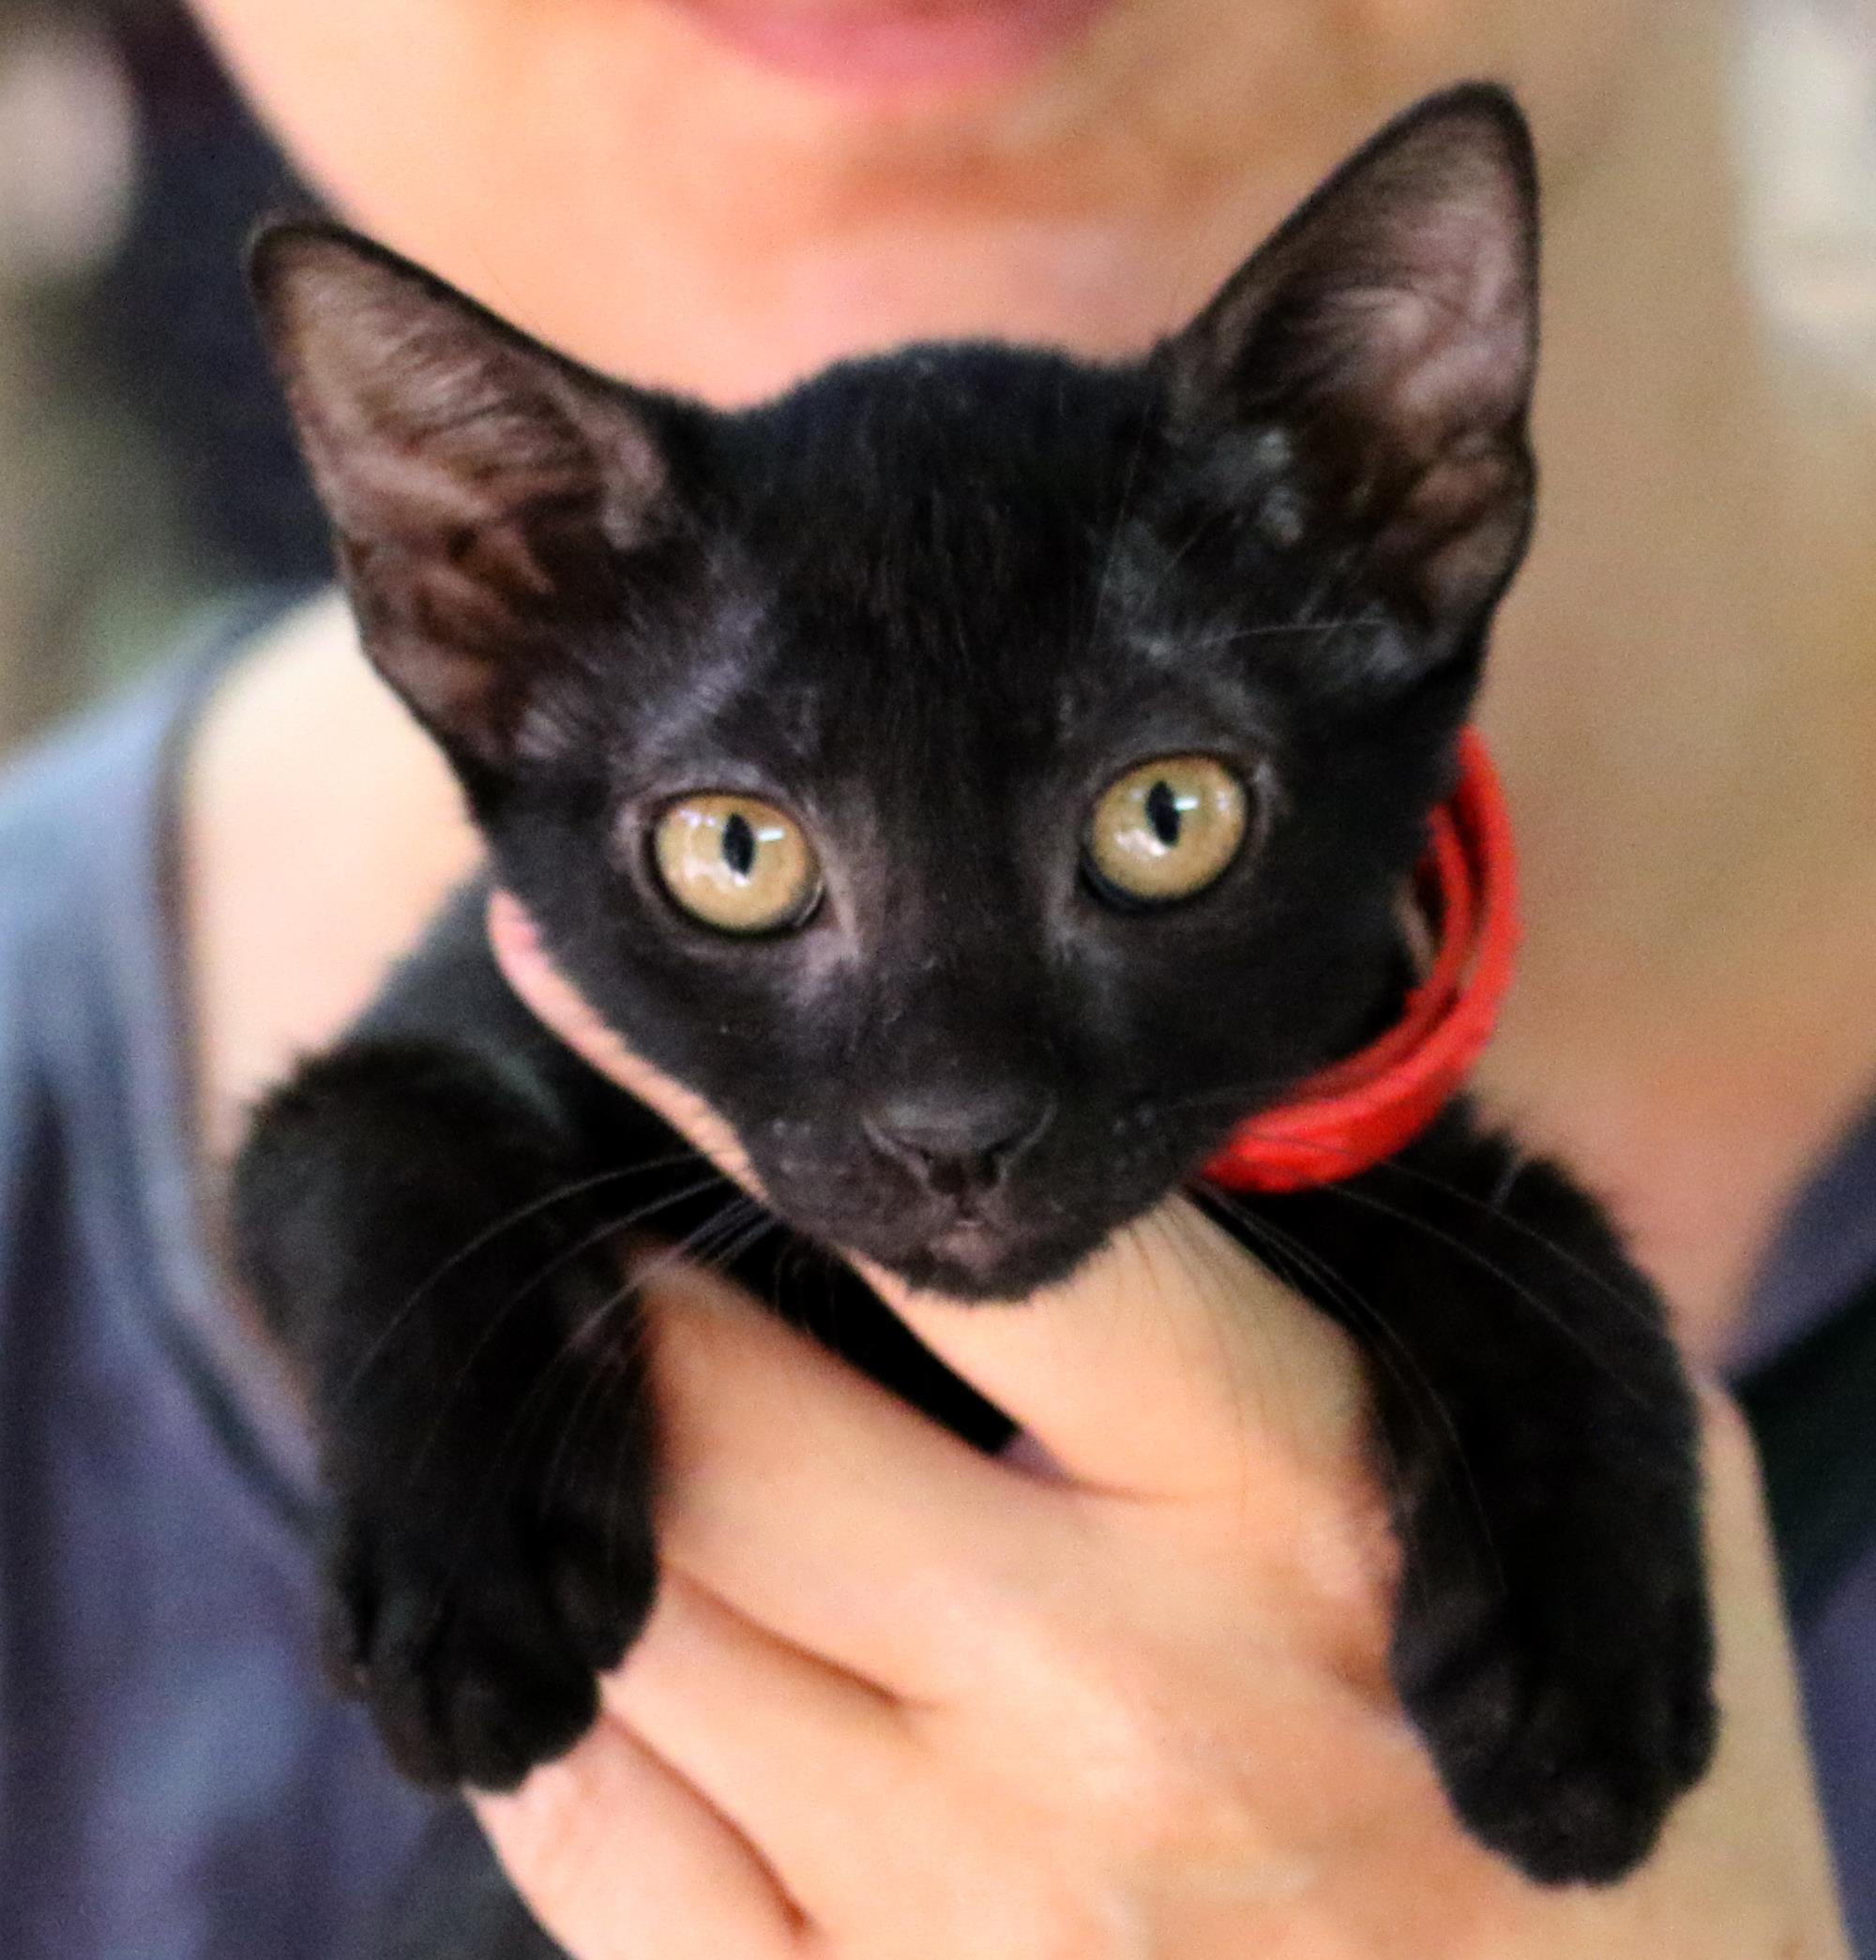 50 גוונים של שחור – יום אימוץ חתולים שחורים